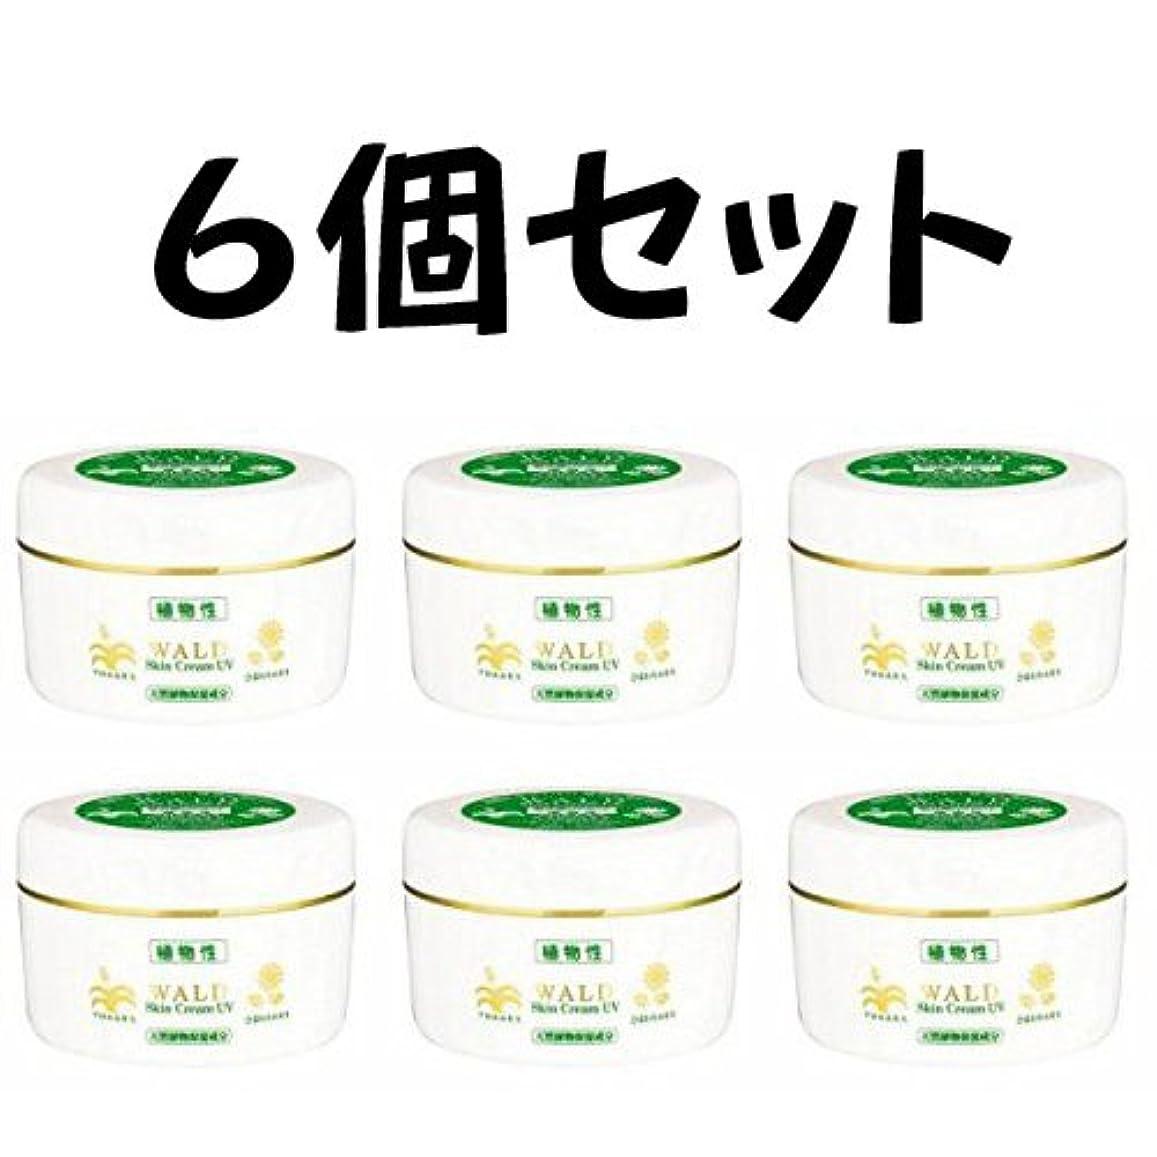 ほめる累積痛い新 ヴァルトスキンクリーム UV (WALD Skin Cream UV) 220g (6)